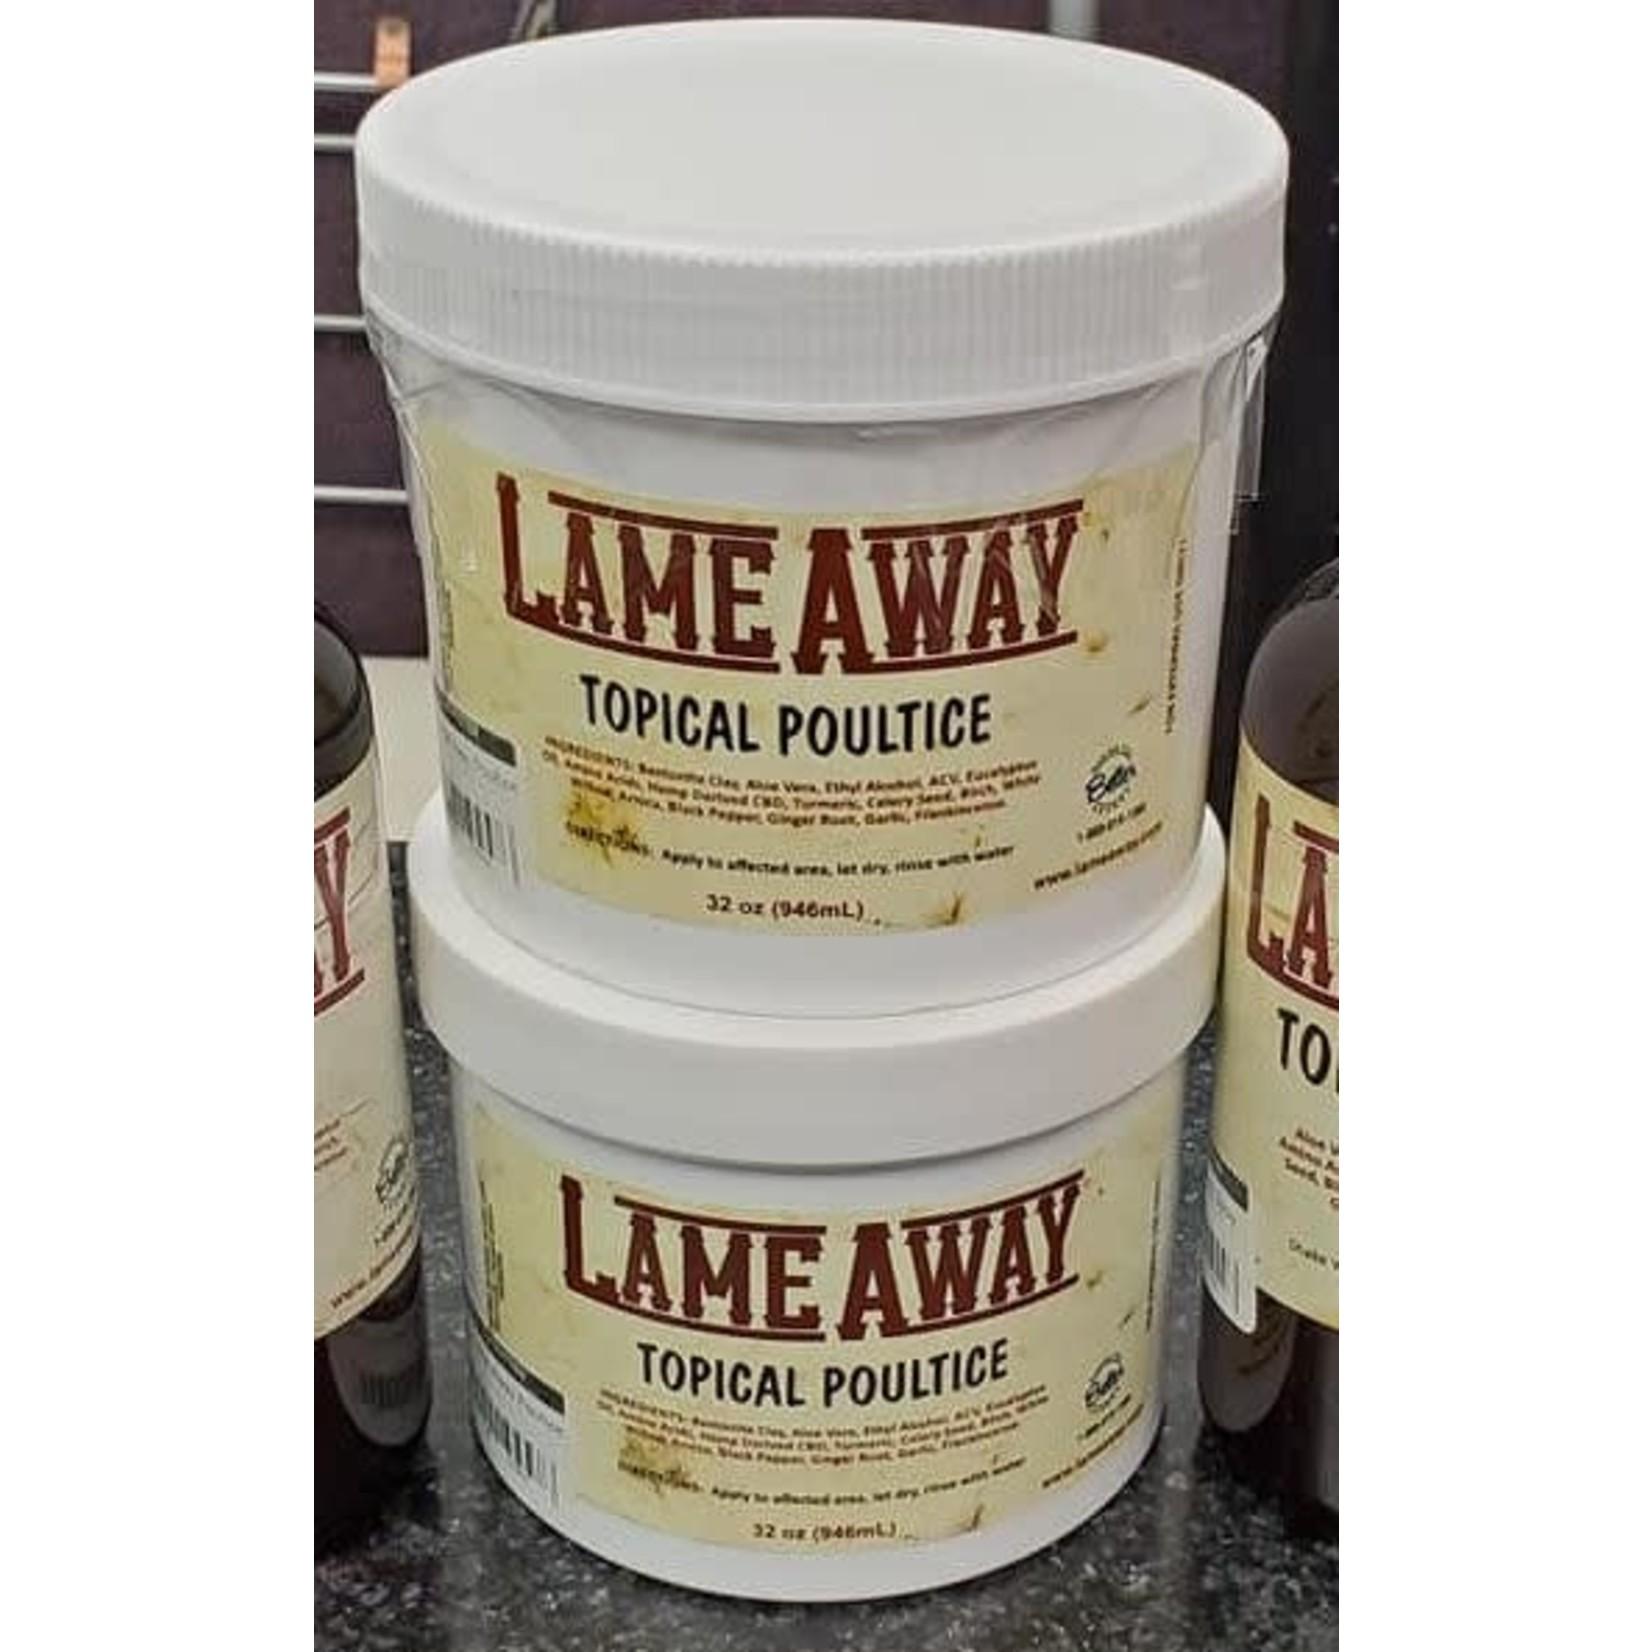 LameAway Poultice